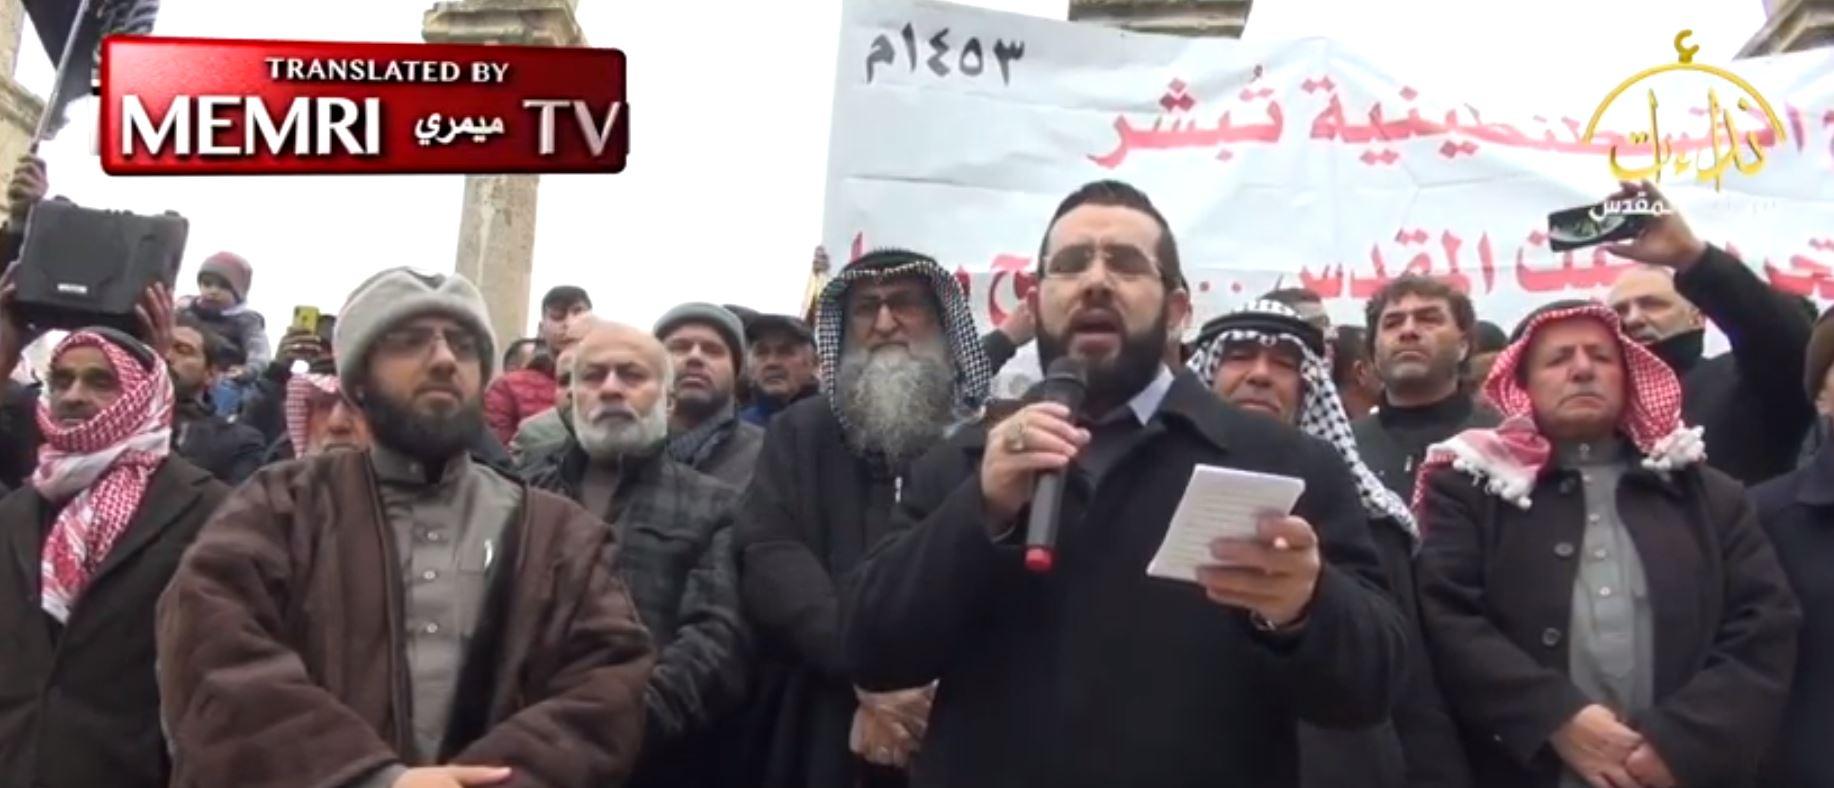 Videó: Allah akaratából nemsokára elfoglaljuk Rómát! – mondta a muszlim prédikátor